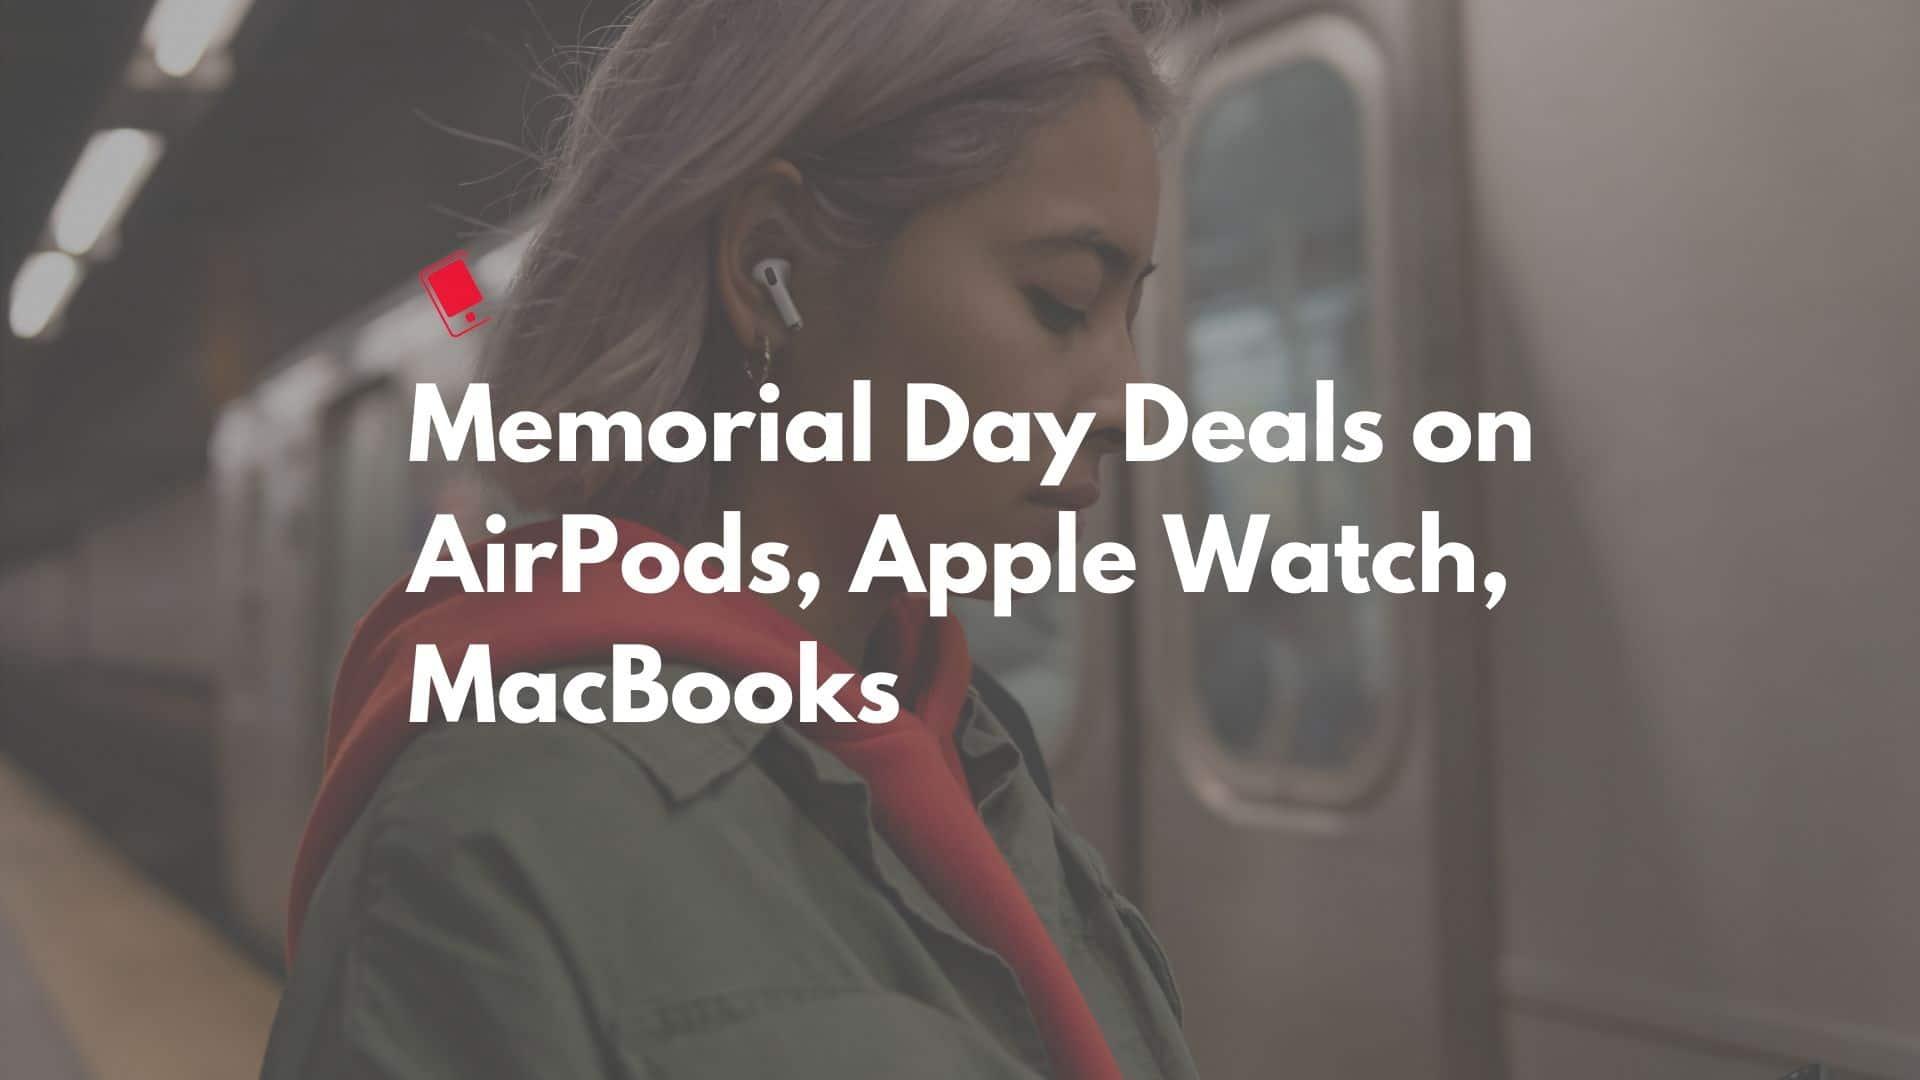 Memorial Day Deals on AirPods, MacBook